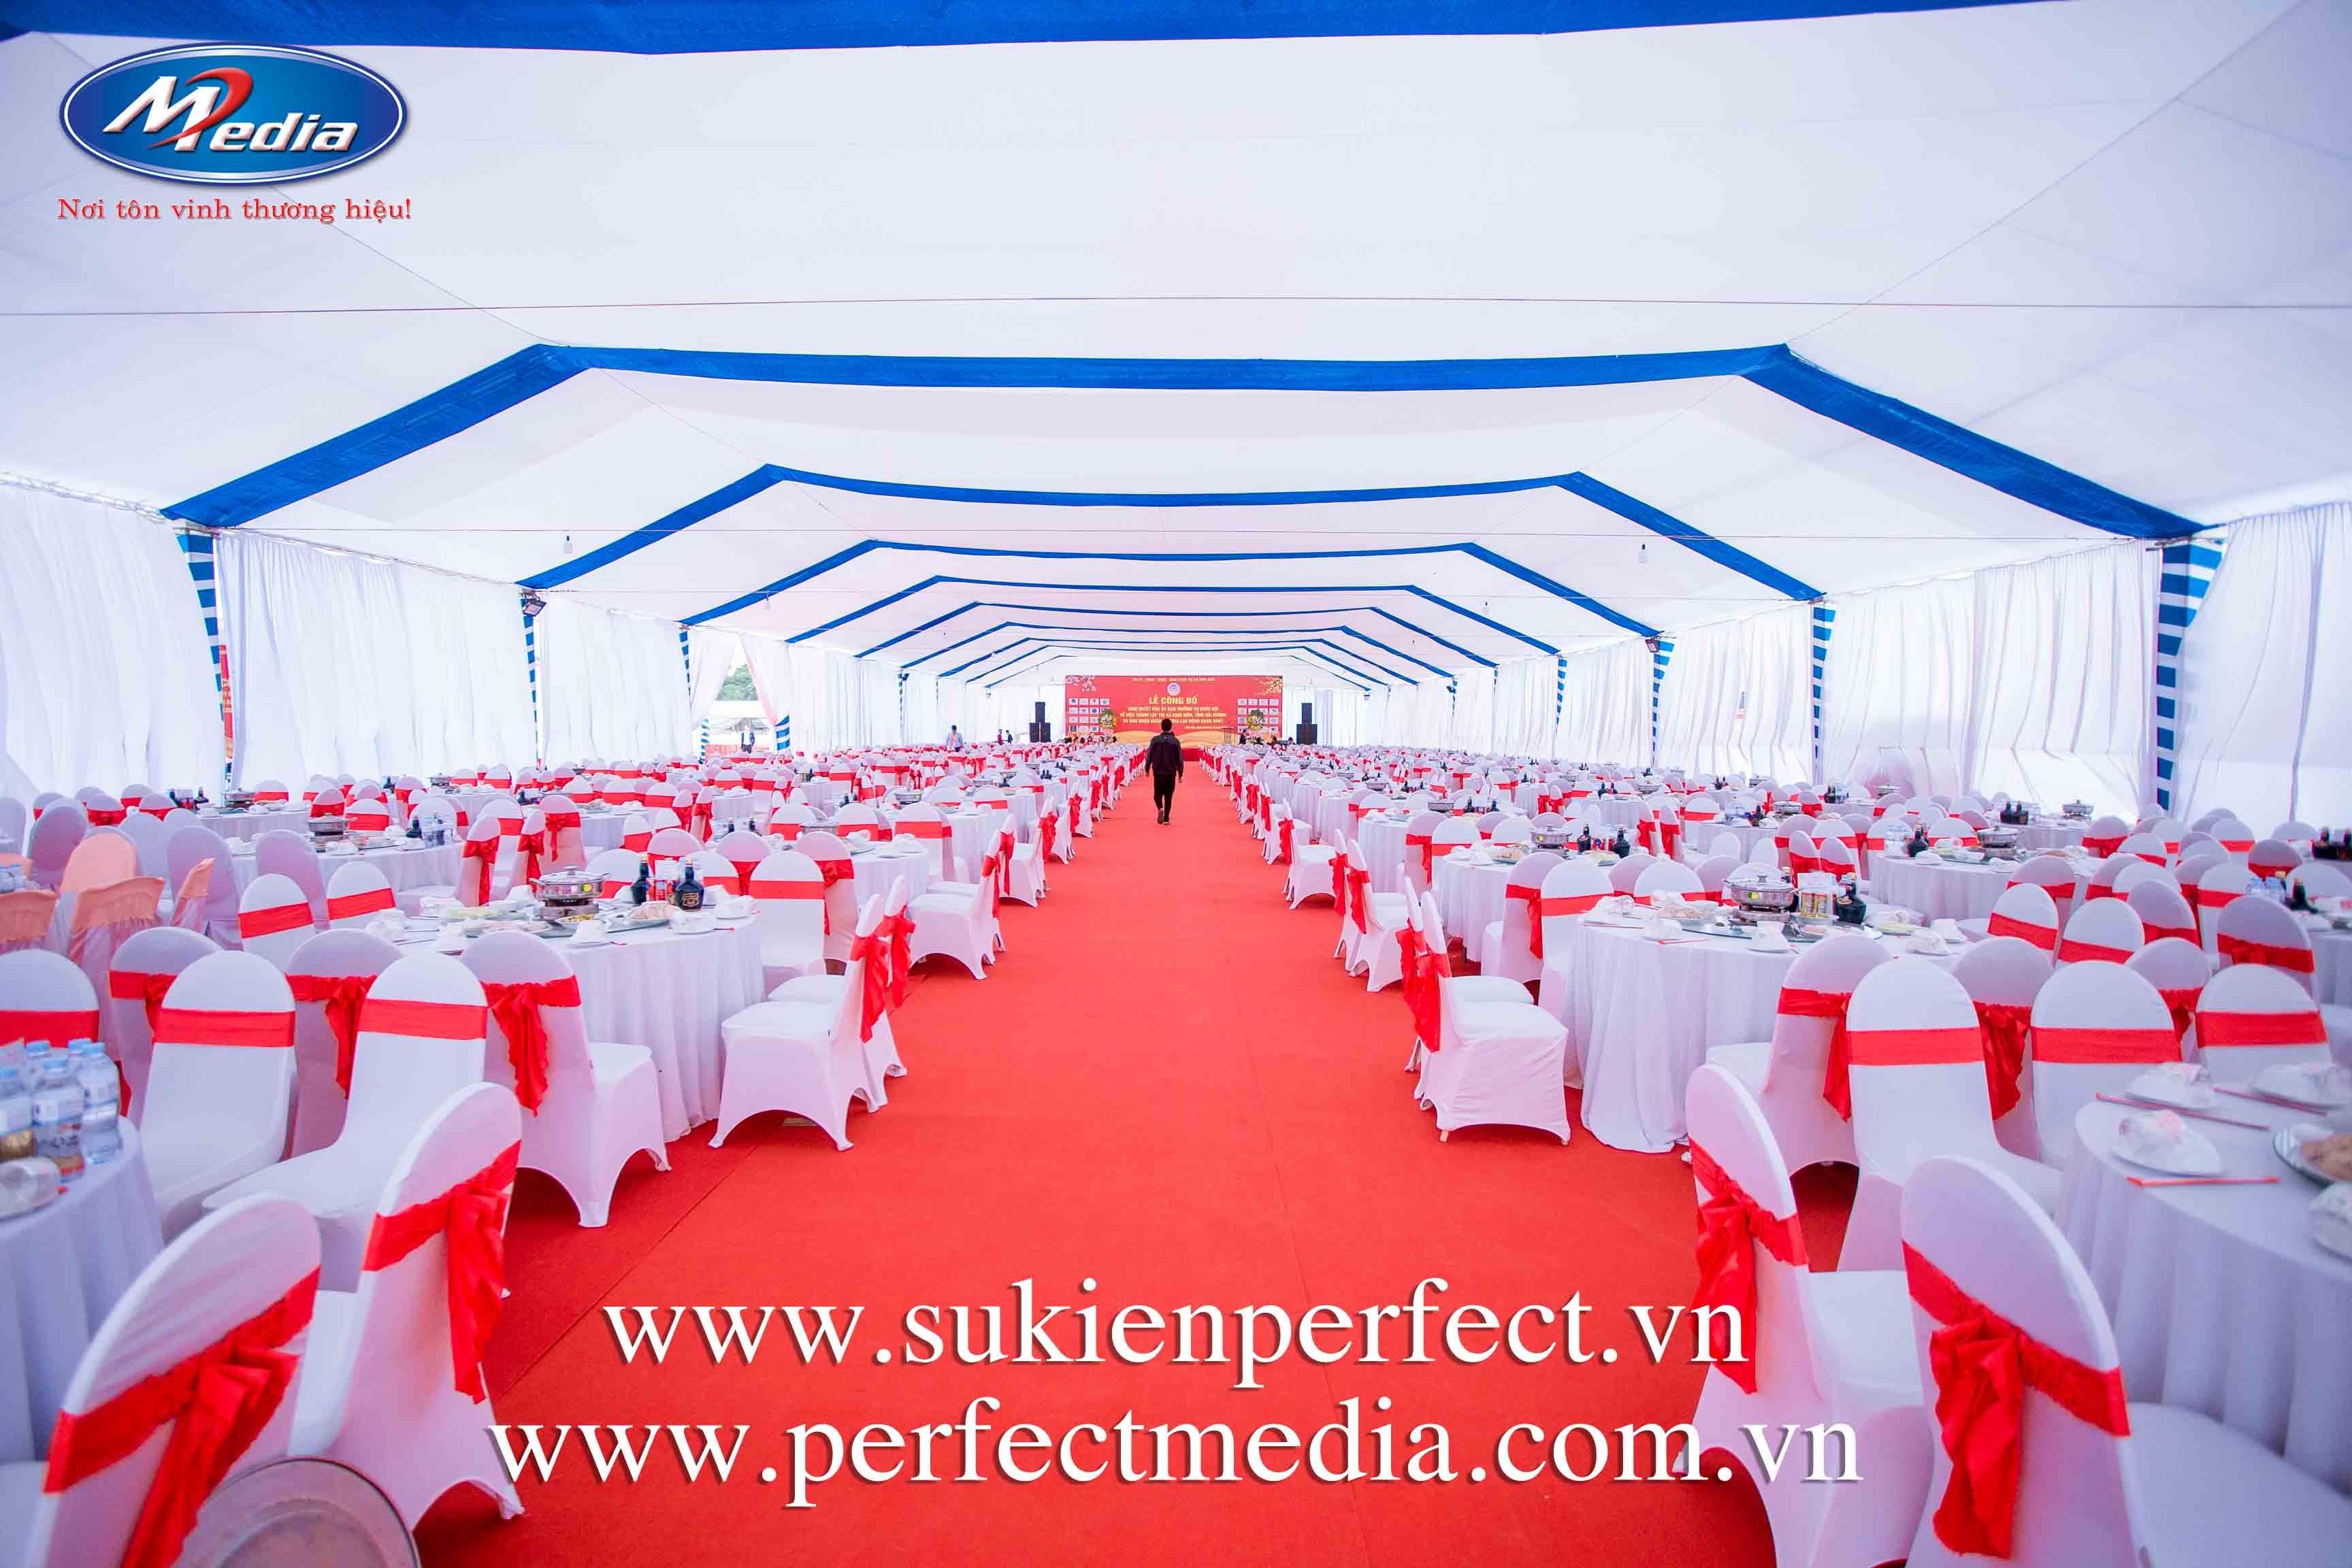 tổ chức lễ kỷ niệm, tri ân chuyên nghiệp khác mà công ty Perfect Media phục vụ Quý khách tại Hải Phòng